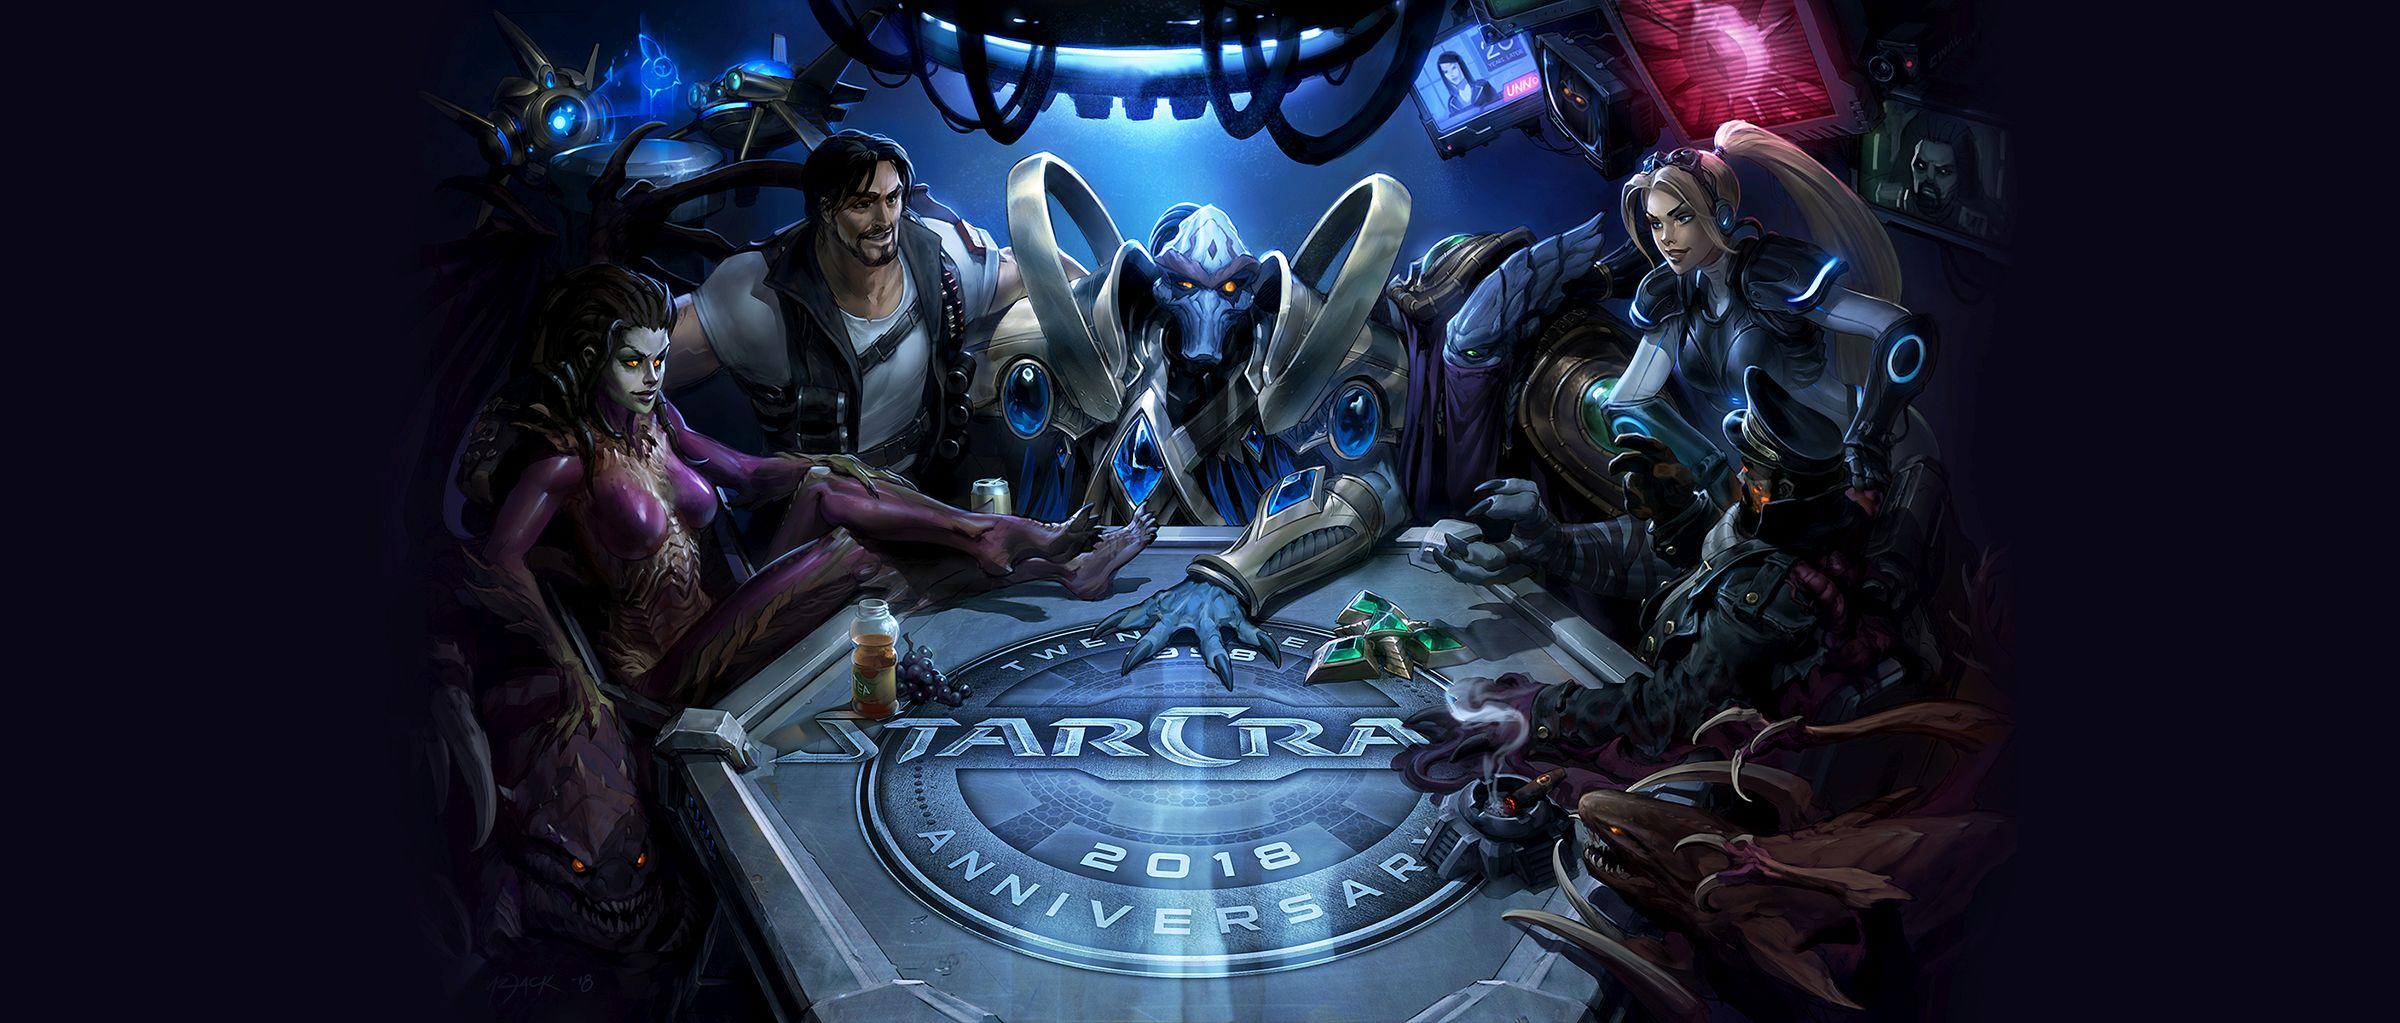 Starcraft serijal slavi 20 godina